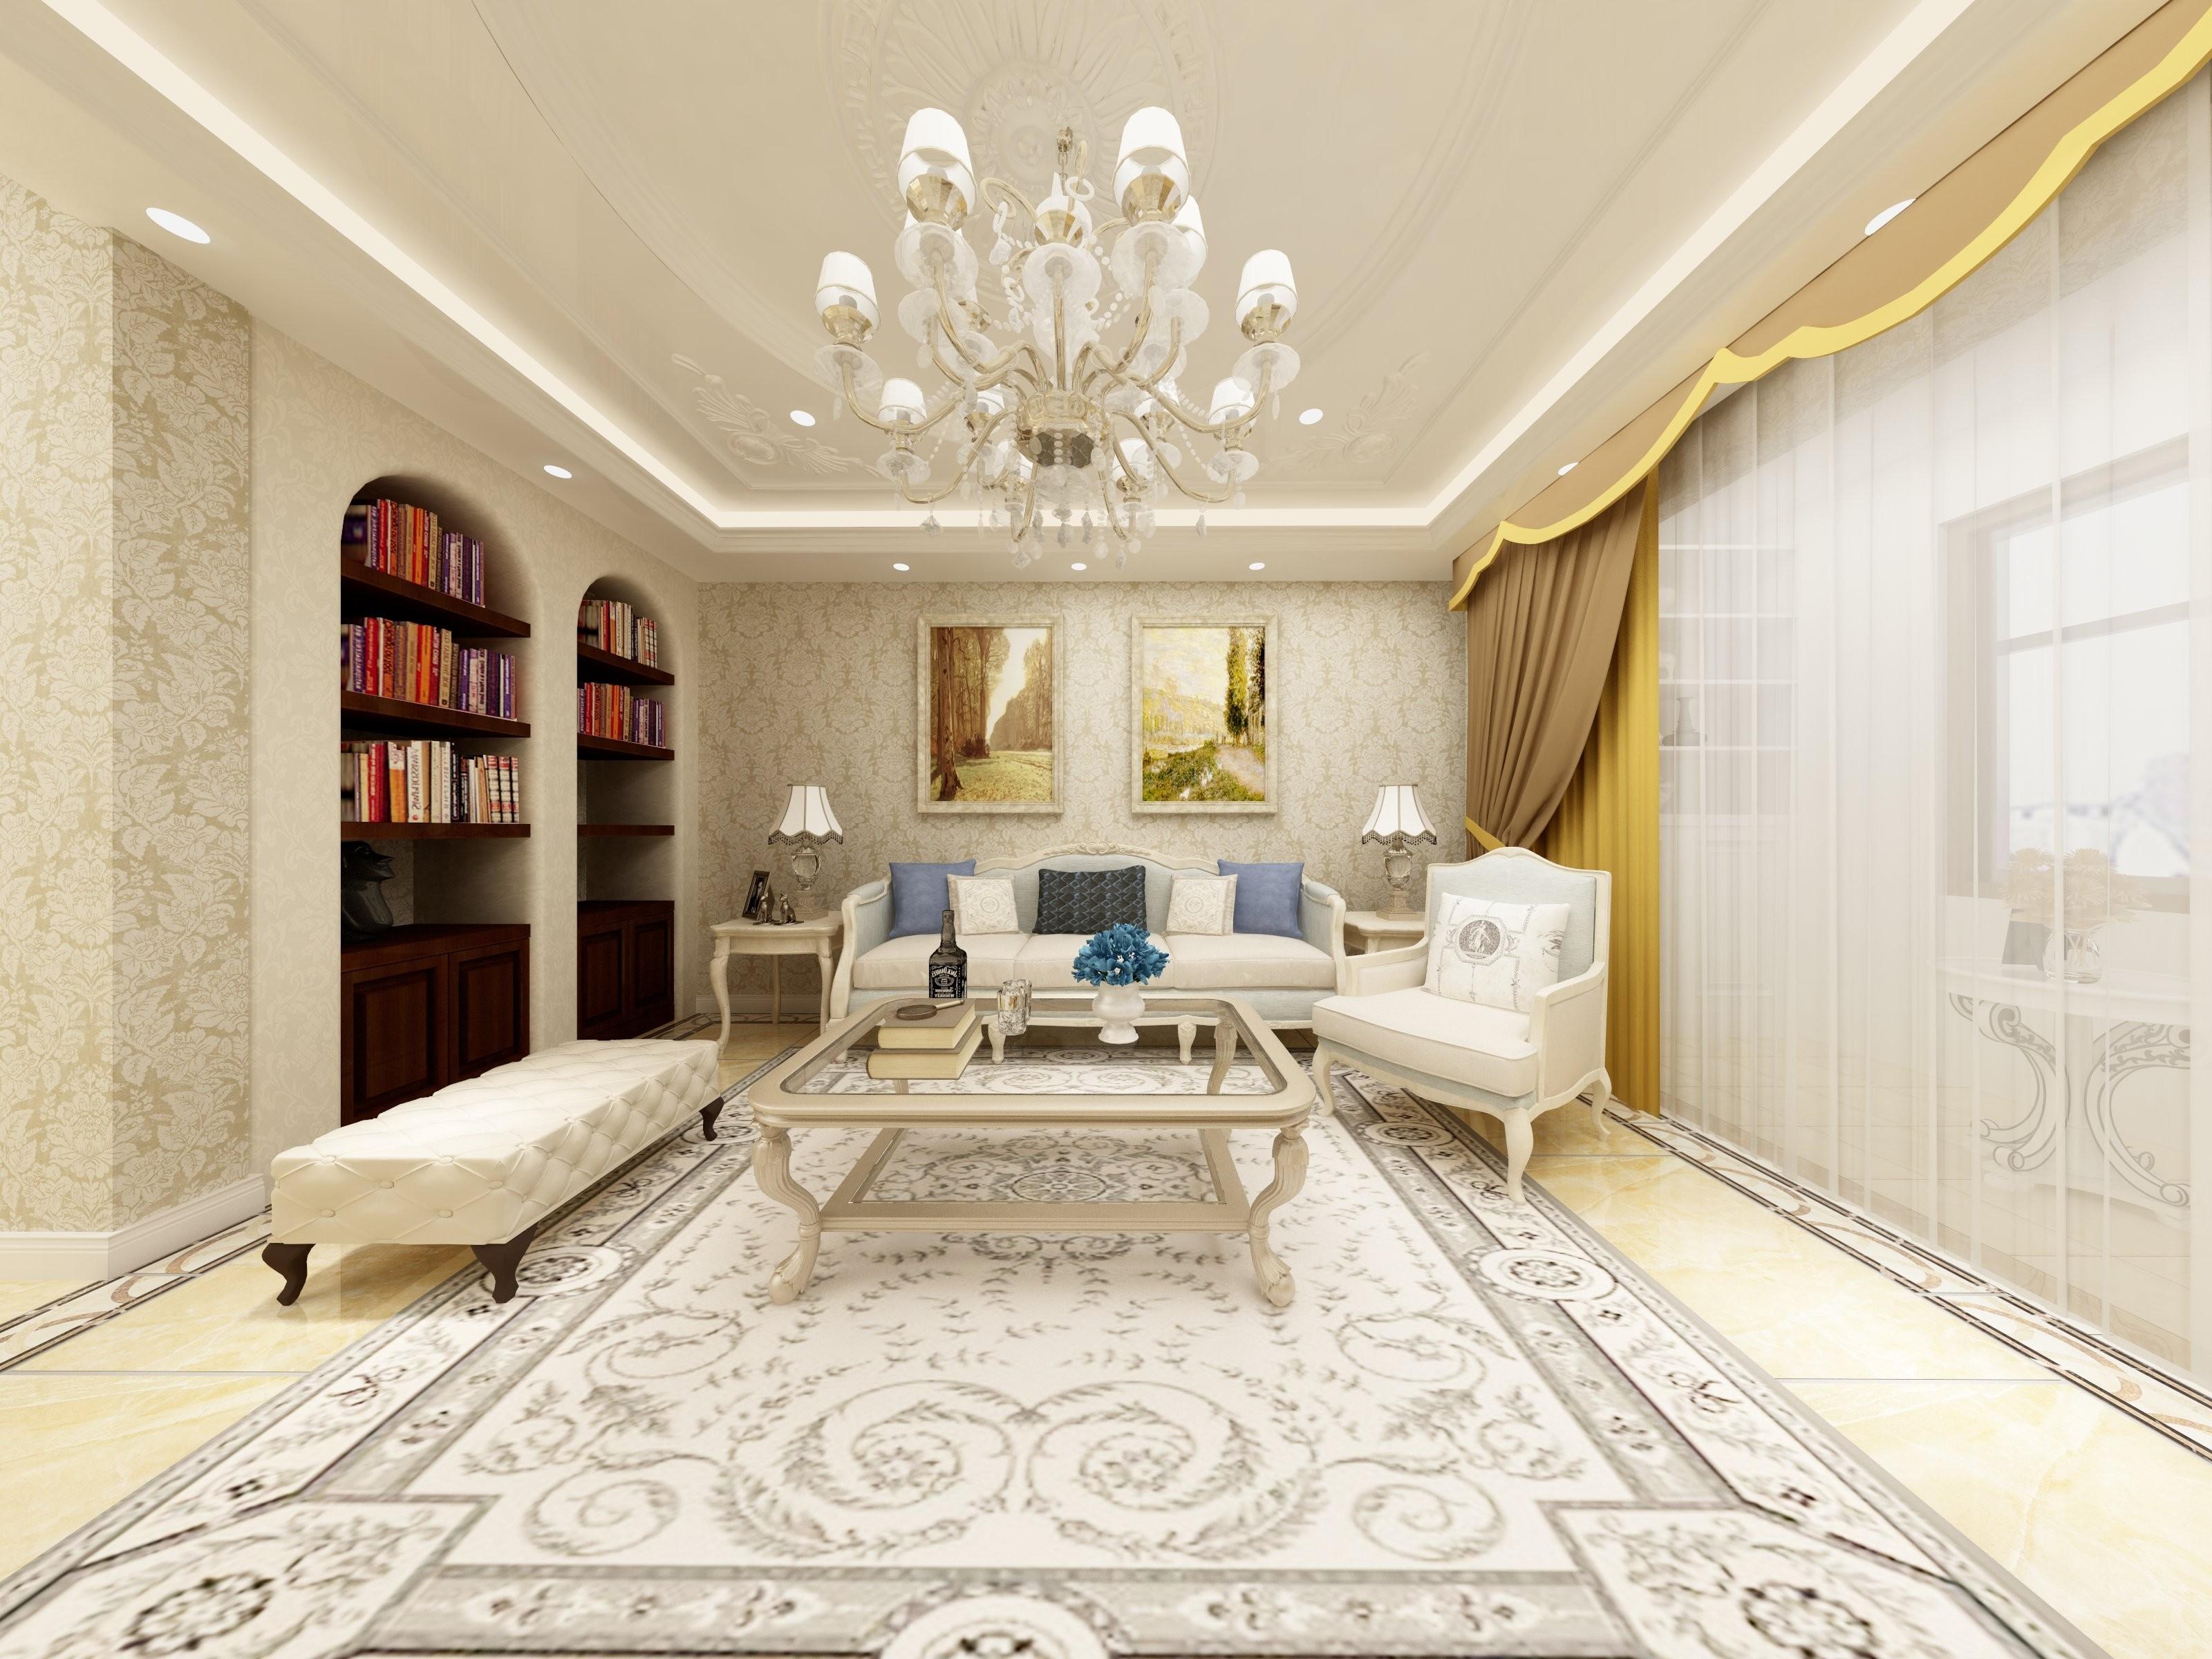 客厅吊顶采用了丰富的石膏线条来丰富顶面的空间,欧式